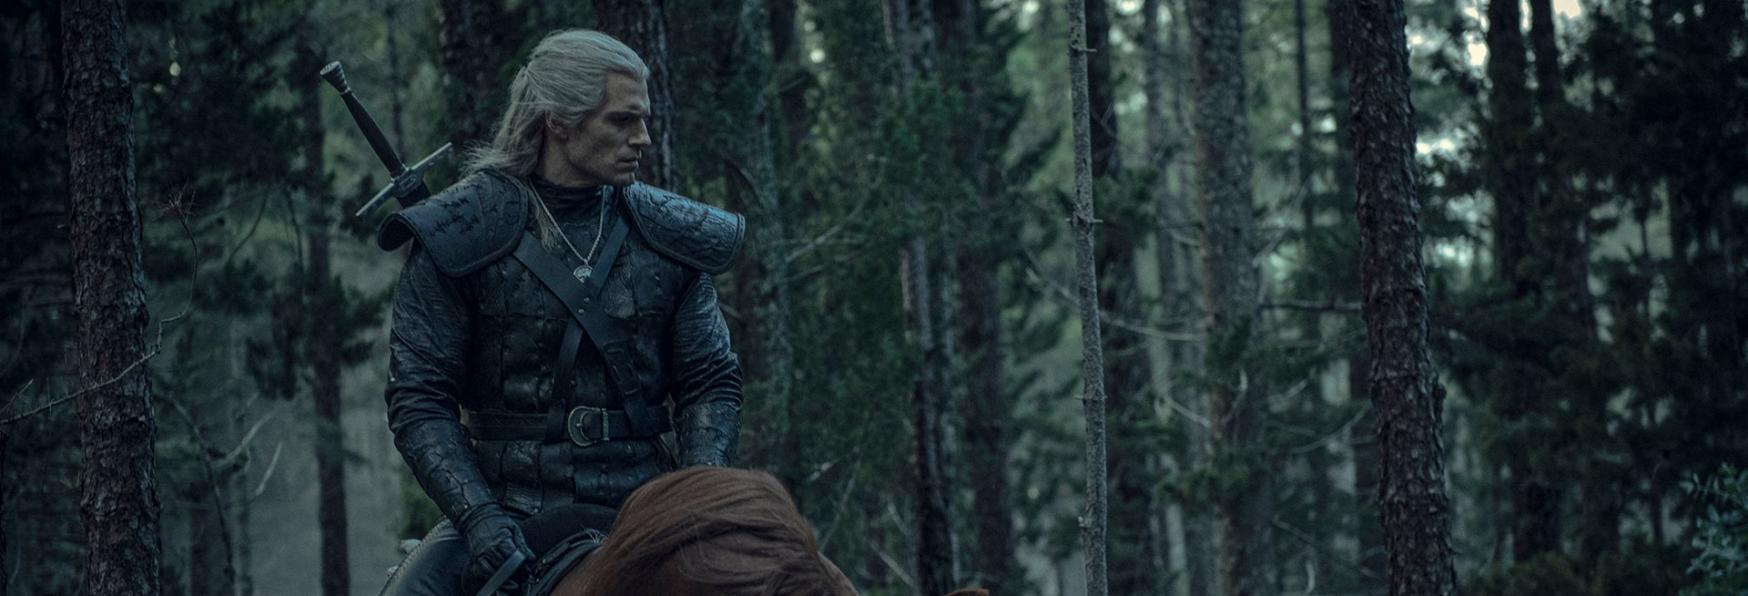 The Witcher: Blood Origin - Nuovi Membri del Cast e della Crew della Serie TV Spin-off di Game of Thrones